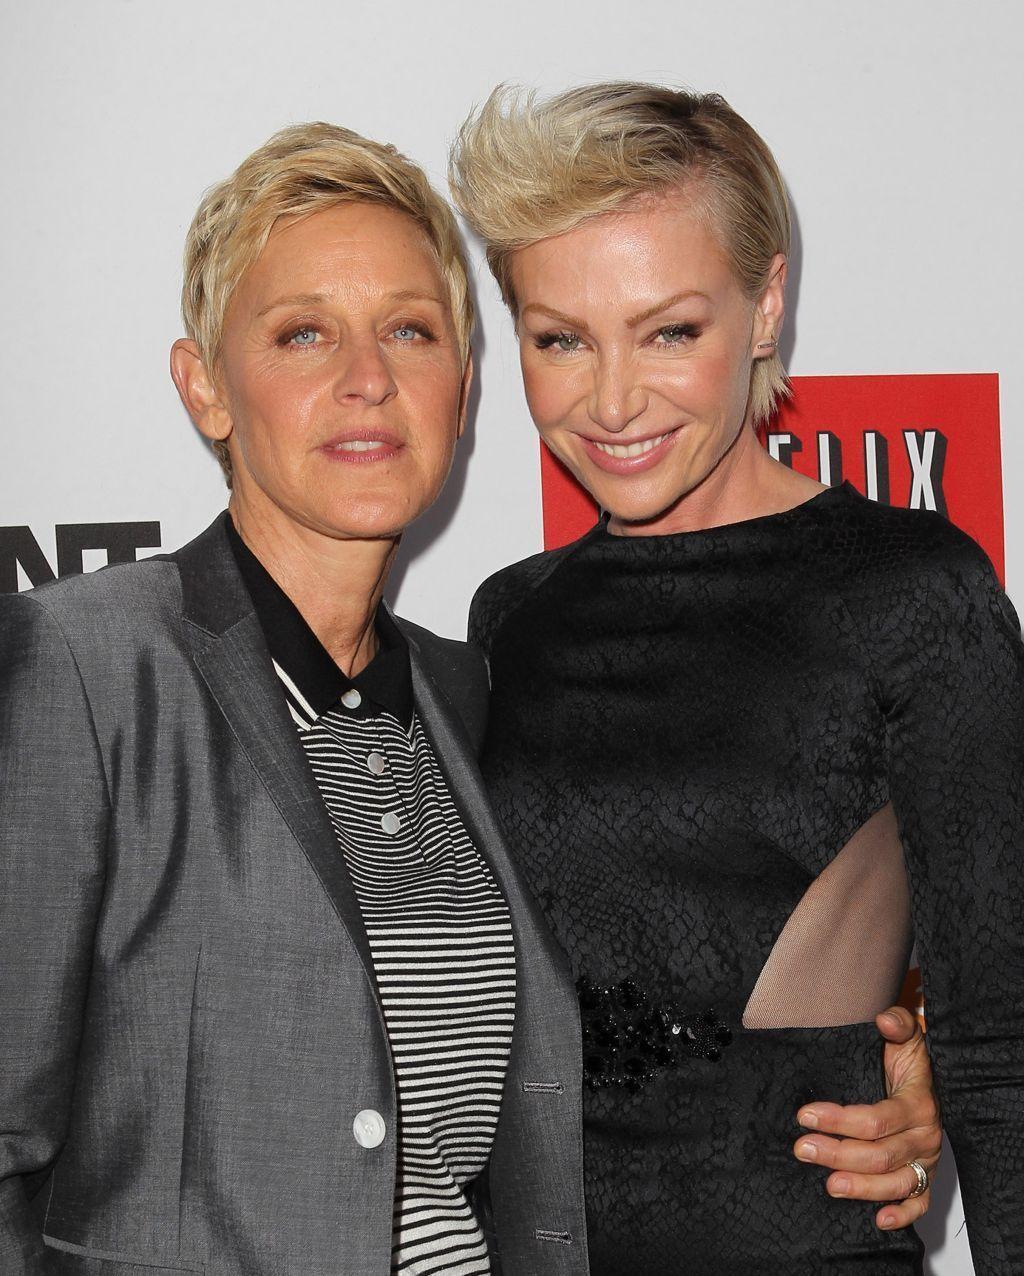 """""""Yep, I'm gay"""": Bereits 1997 outete sich US-Komikerin Ellen DeGeneres in einer Folge ihrer Sitcom """"Ellen"""" - was zur Absetzung der Show führte. 2004 verliebte sich Schauspielerin Portia de Rossi (""""Ally McBeal"""") in die damals noch anderweitig vergebene DeGeneres und kämpfte um sie. Mit Erfolg: Mittlerweile sind die beiden verheiratet. © picture alliance / abaca / Gimini"""